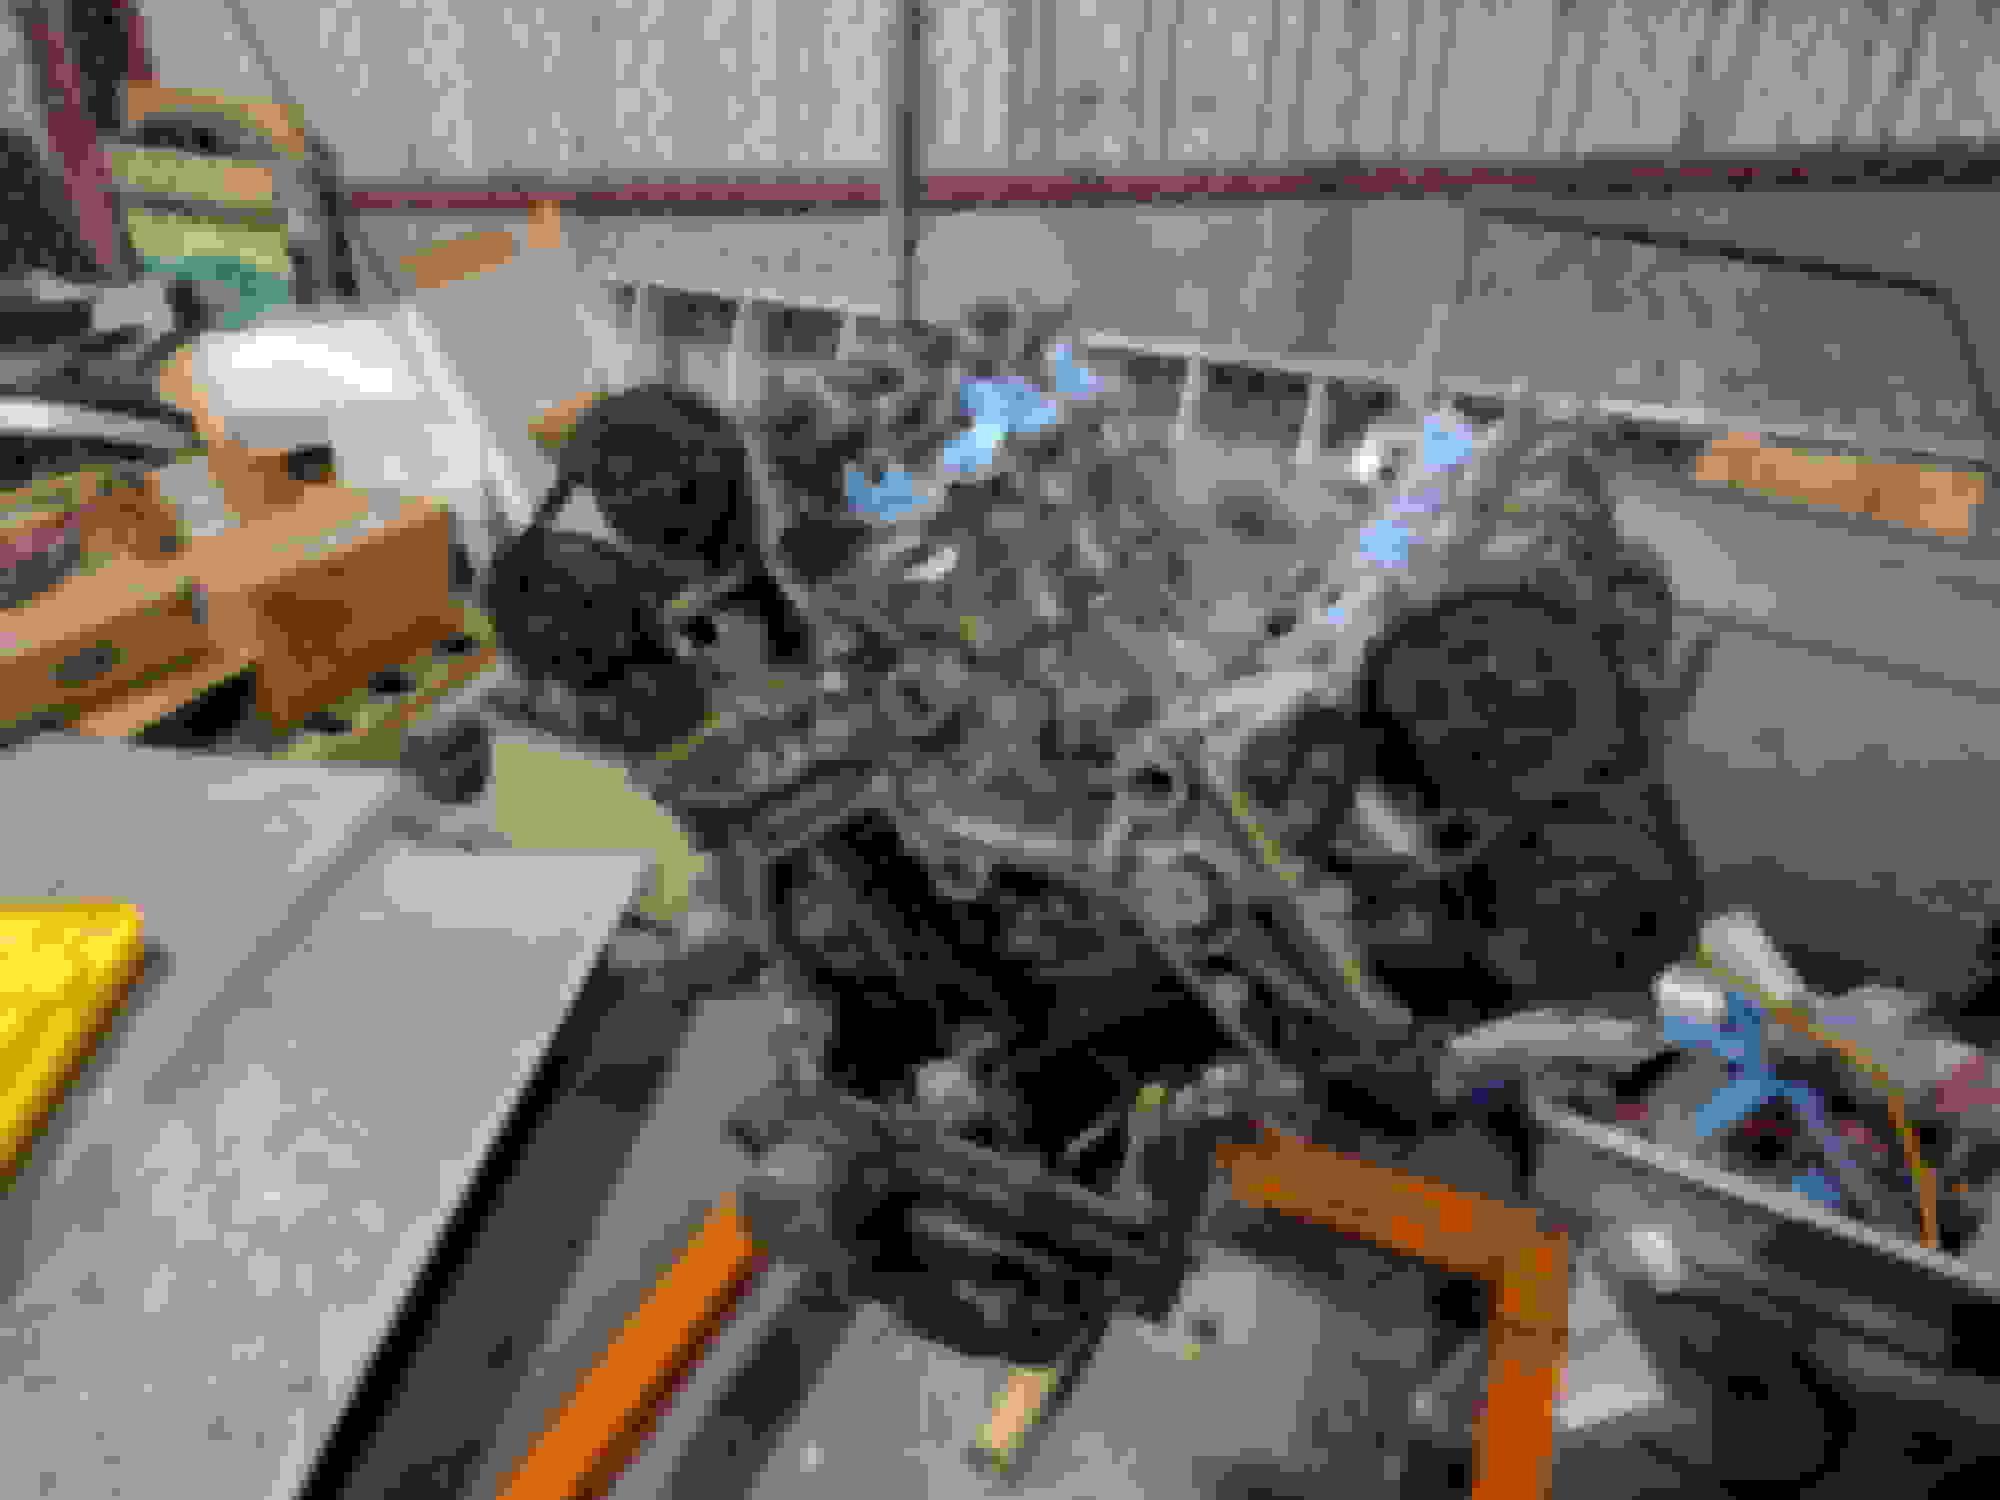 5 0 S/C Engine Rebuild - Jaguar Forums - Jaguar Enthusiasts